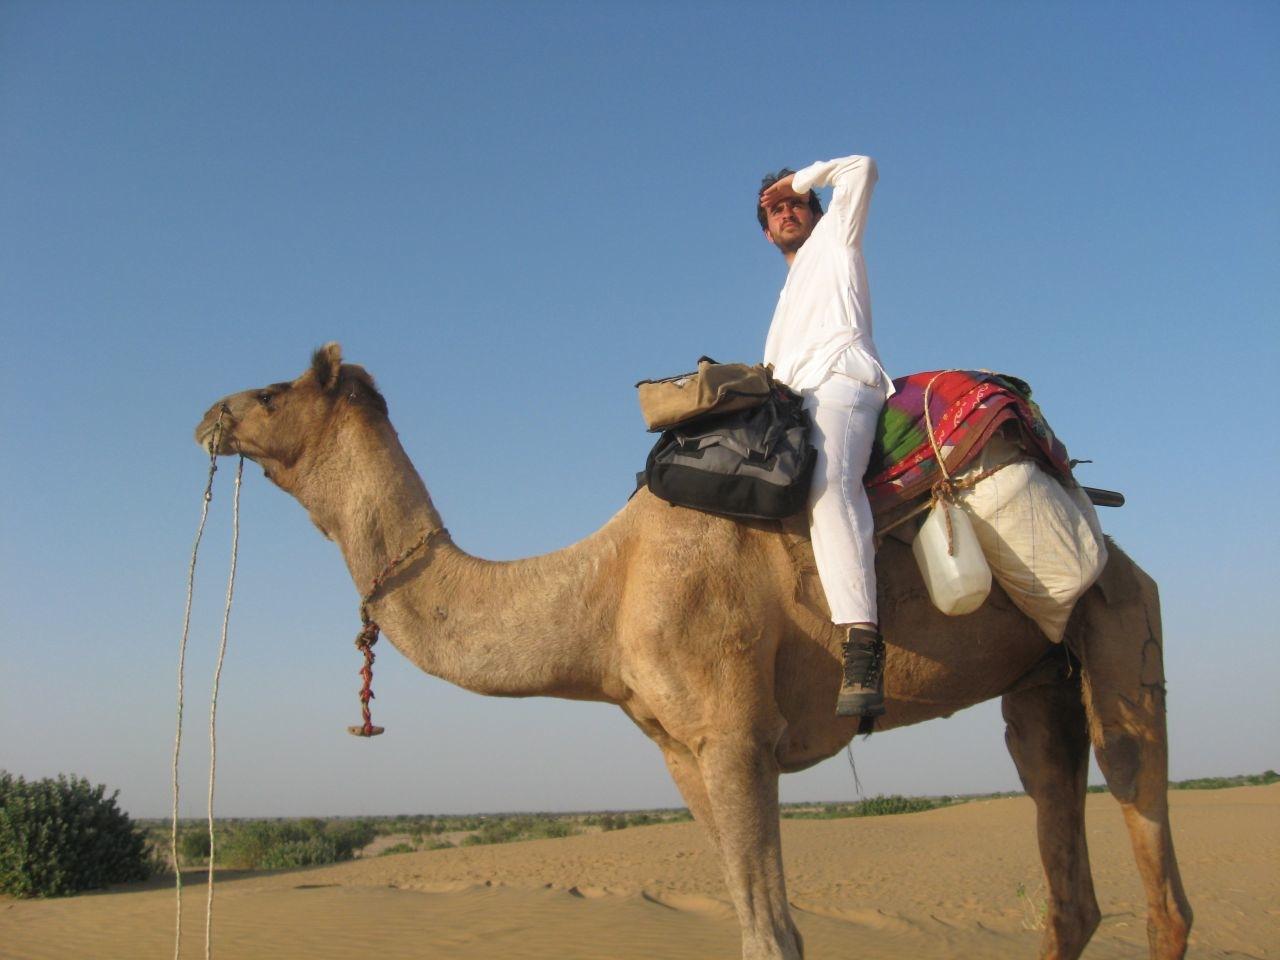 Thar desert 1 21